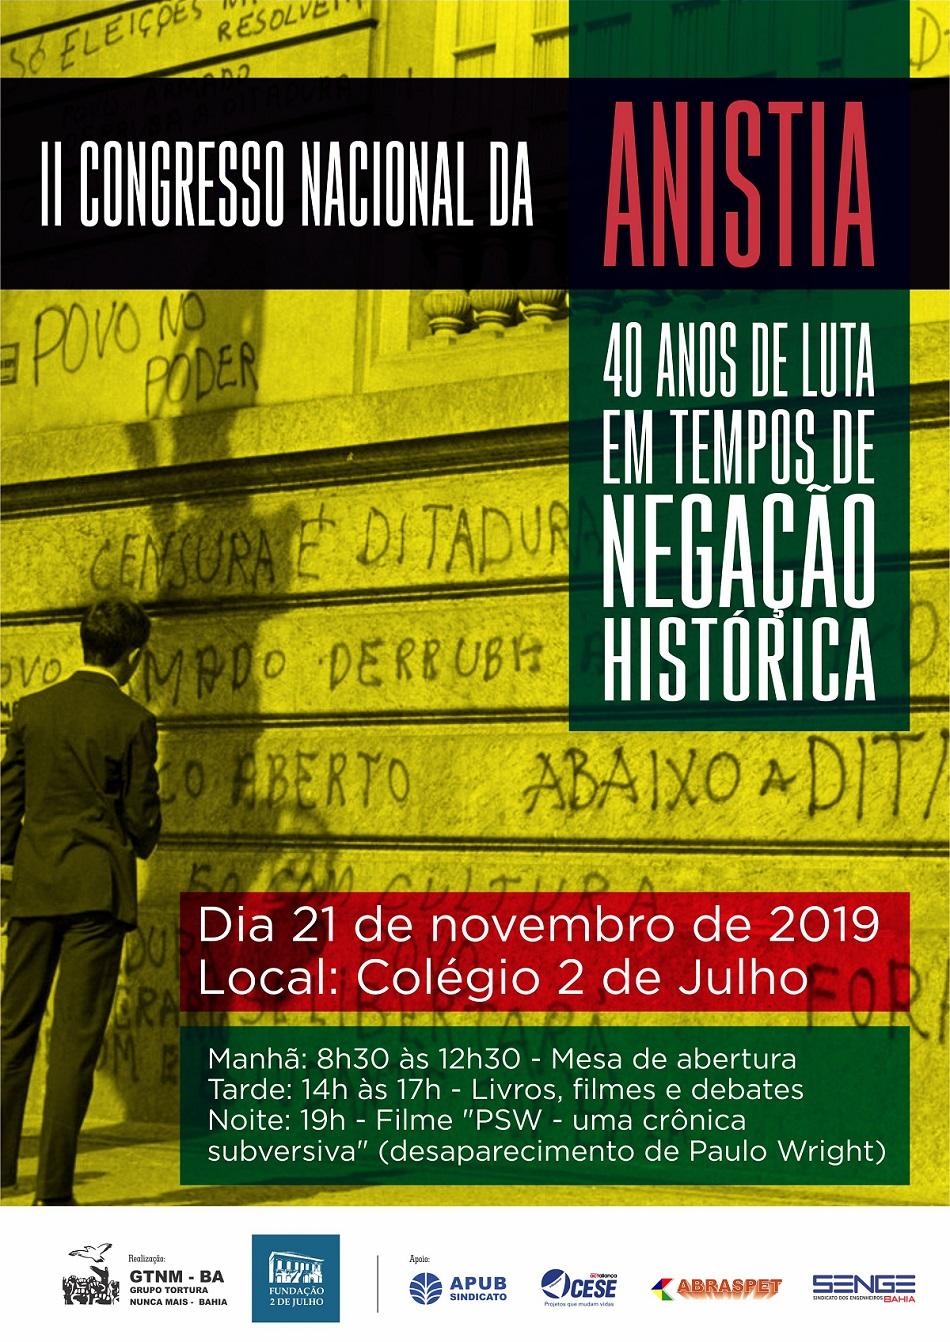 Evento celebra os 40 anos do II Congresso Nacional da Anistia